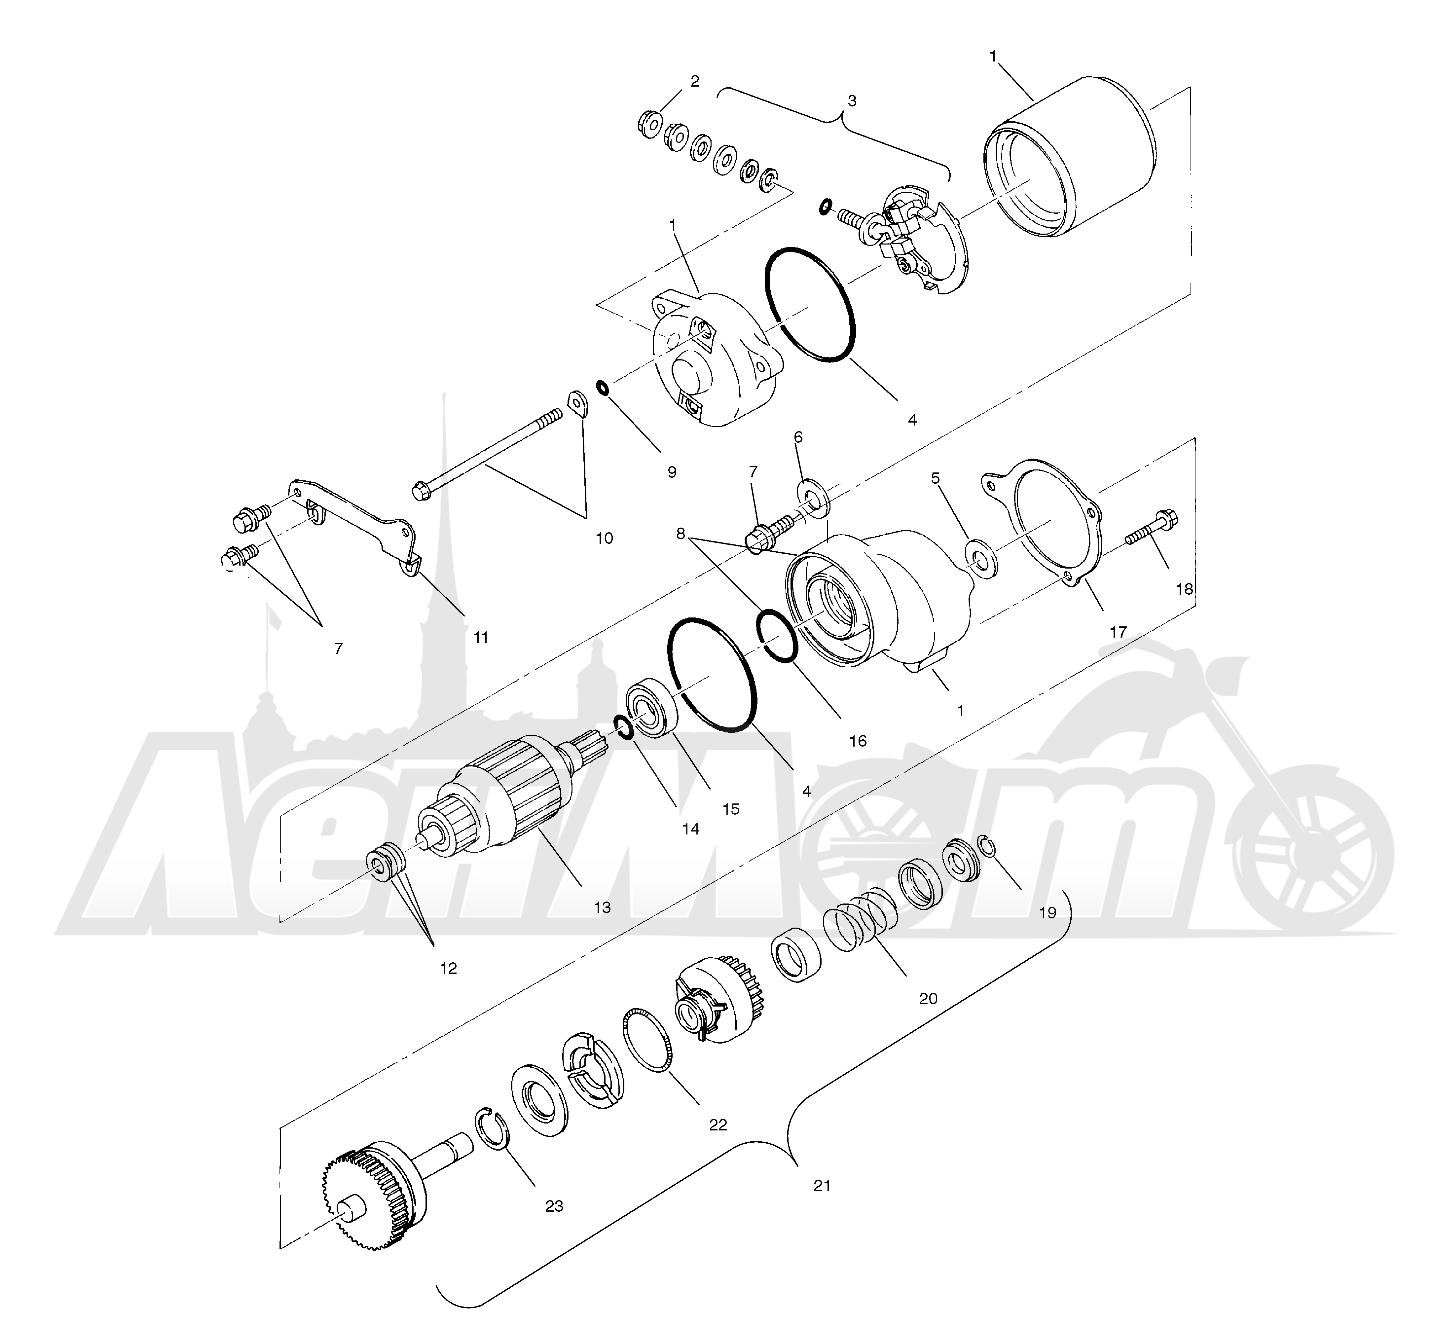 Запчасти для Квадроцикла Polaris 1996 SPORT 400L - W968540 Раздел: STARTING MOTOR (SPORT) - W968540 | электростартер (спорт) W968540